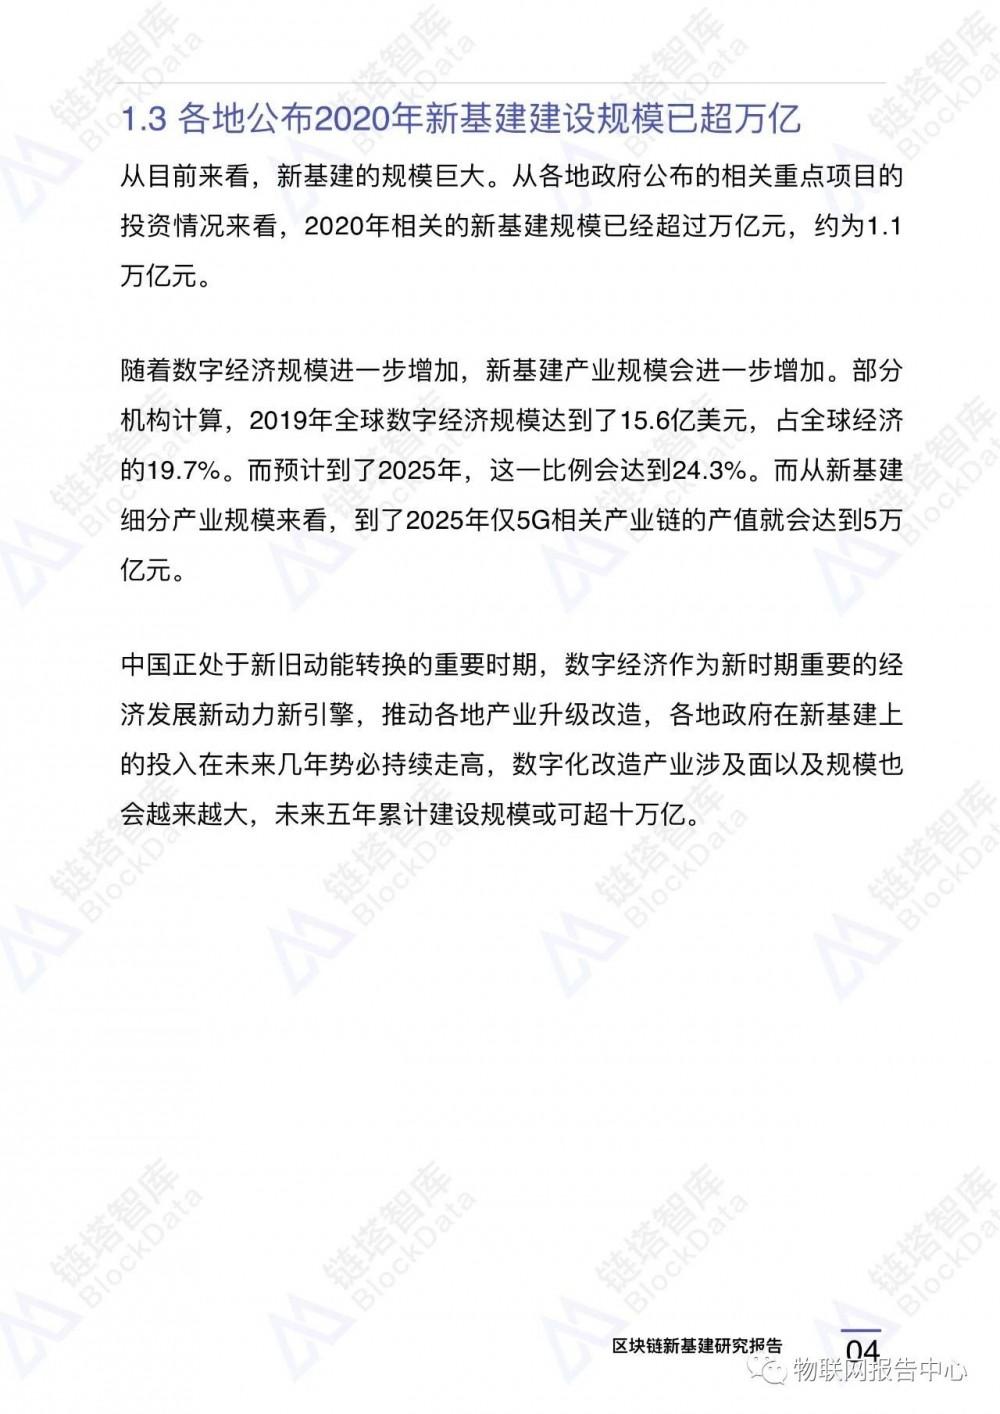 区块链应用之九:中国新基建区块链重点项目配图(7)